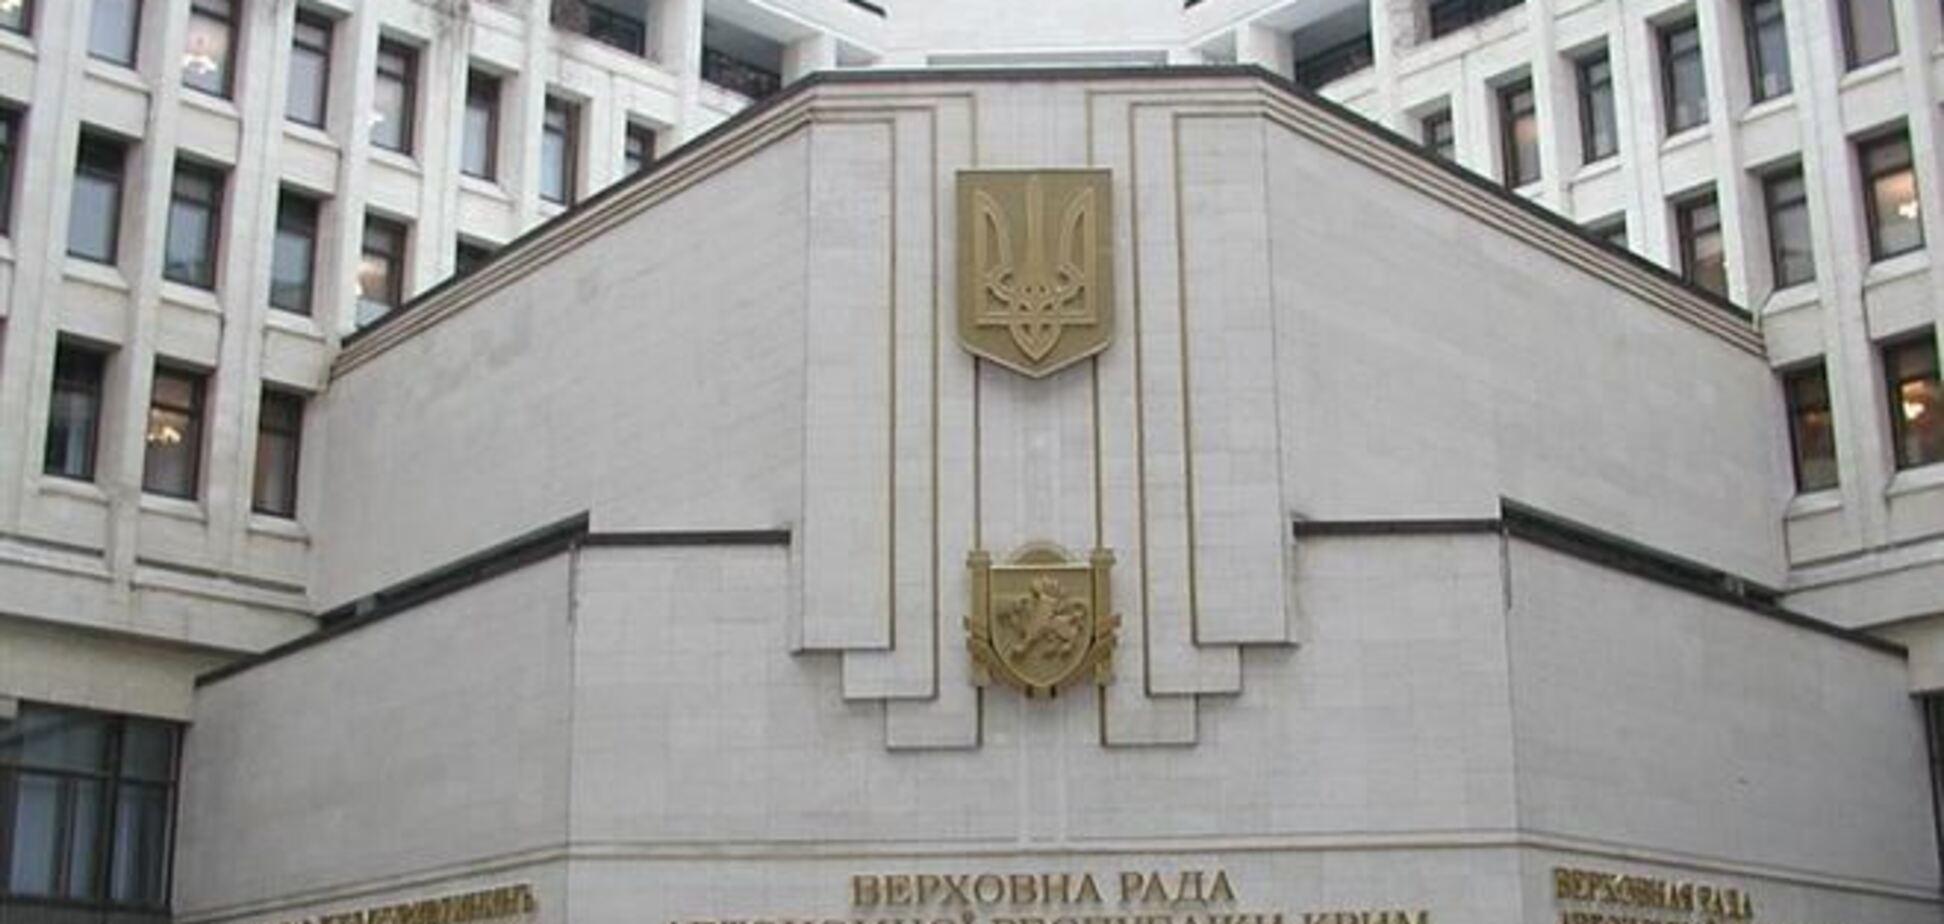 Вооруженные люди заняли здания правительства и парламента Крыма